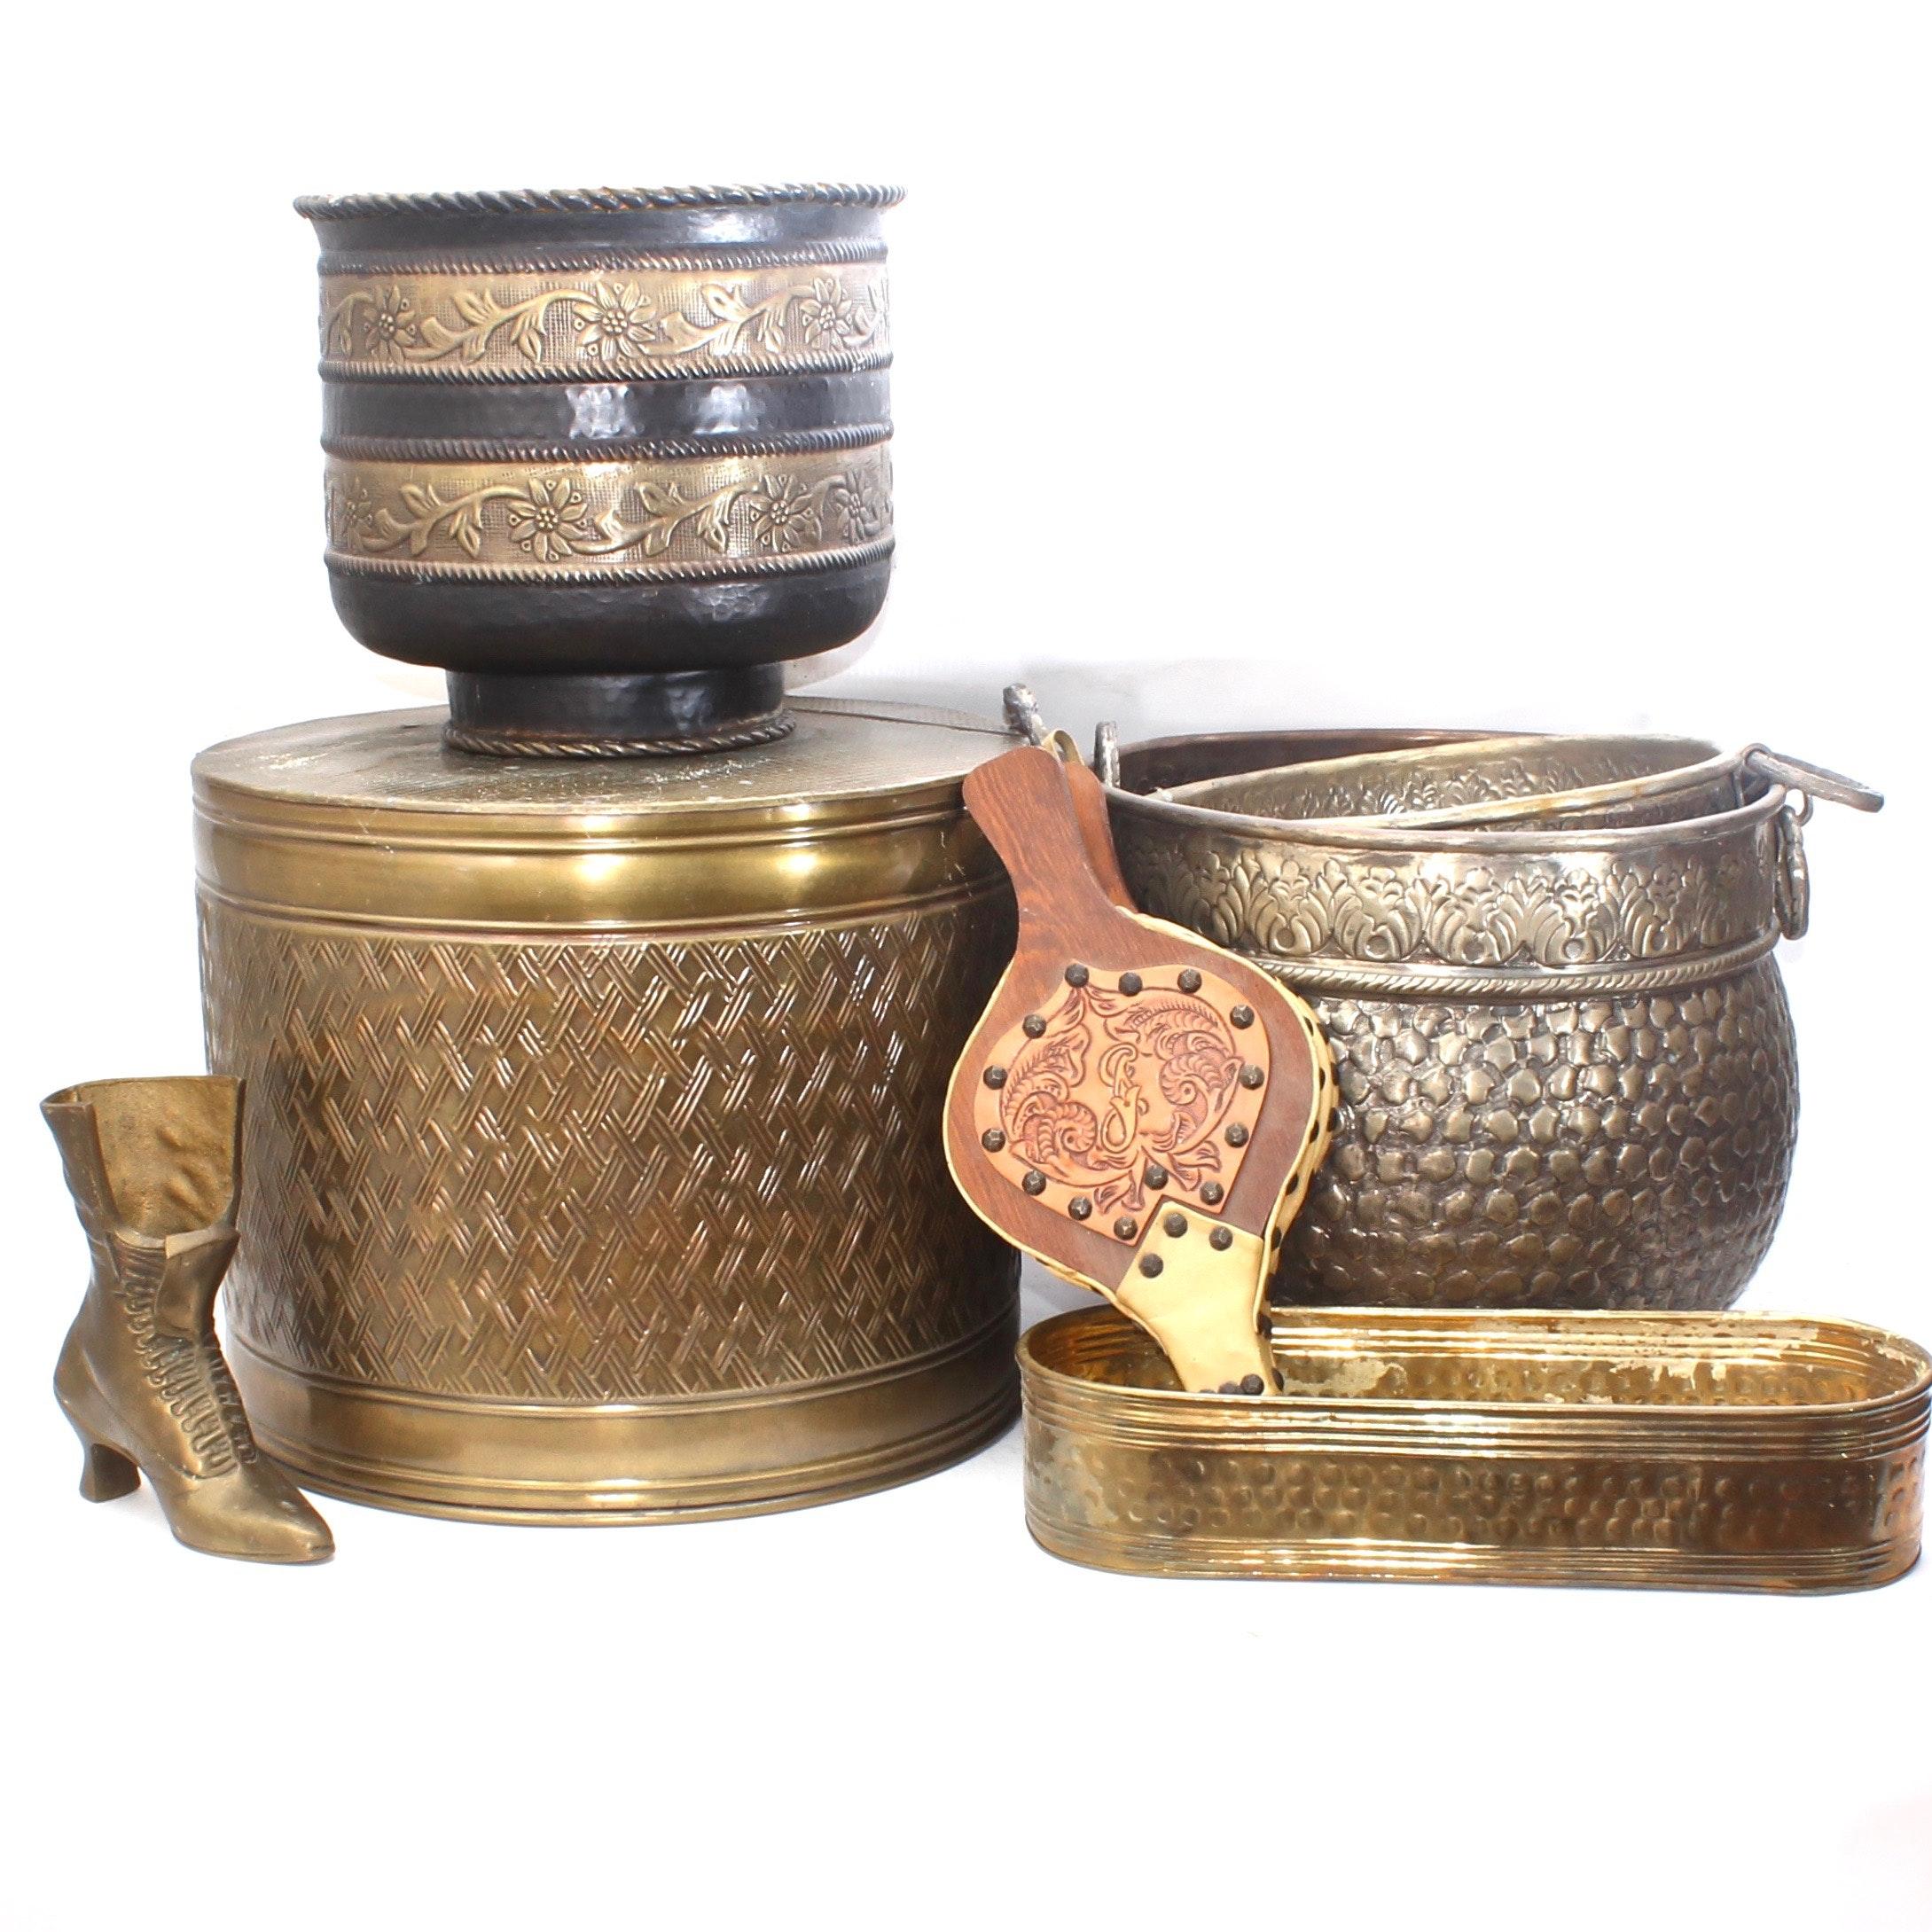 Vintage Brass Hearth Accessories